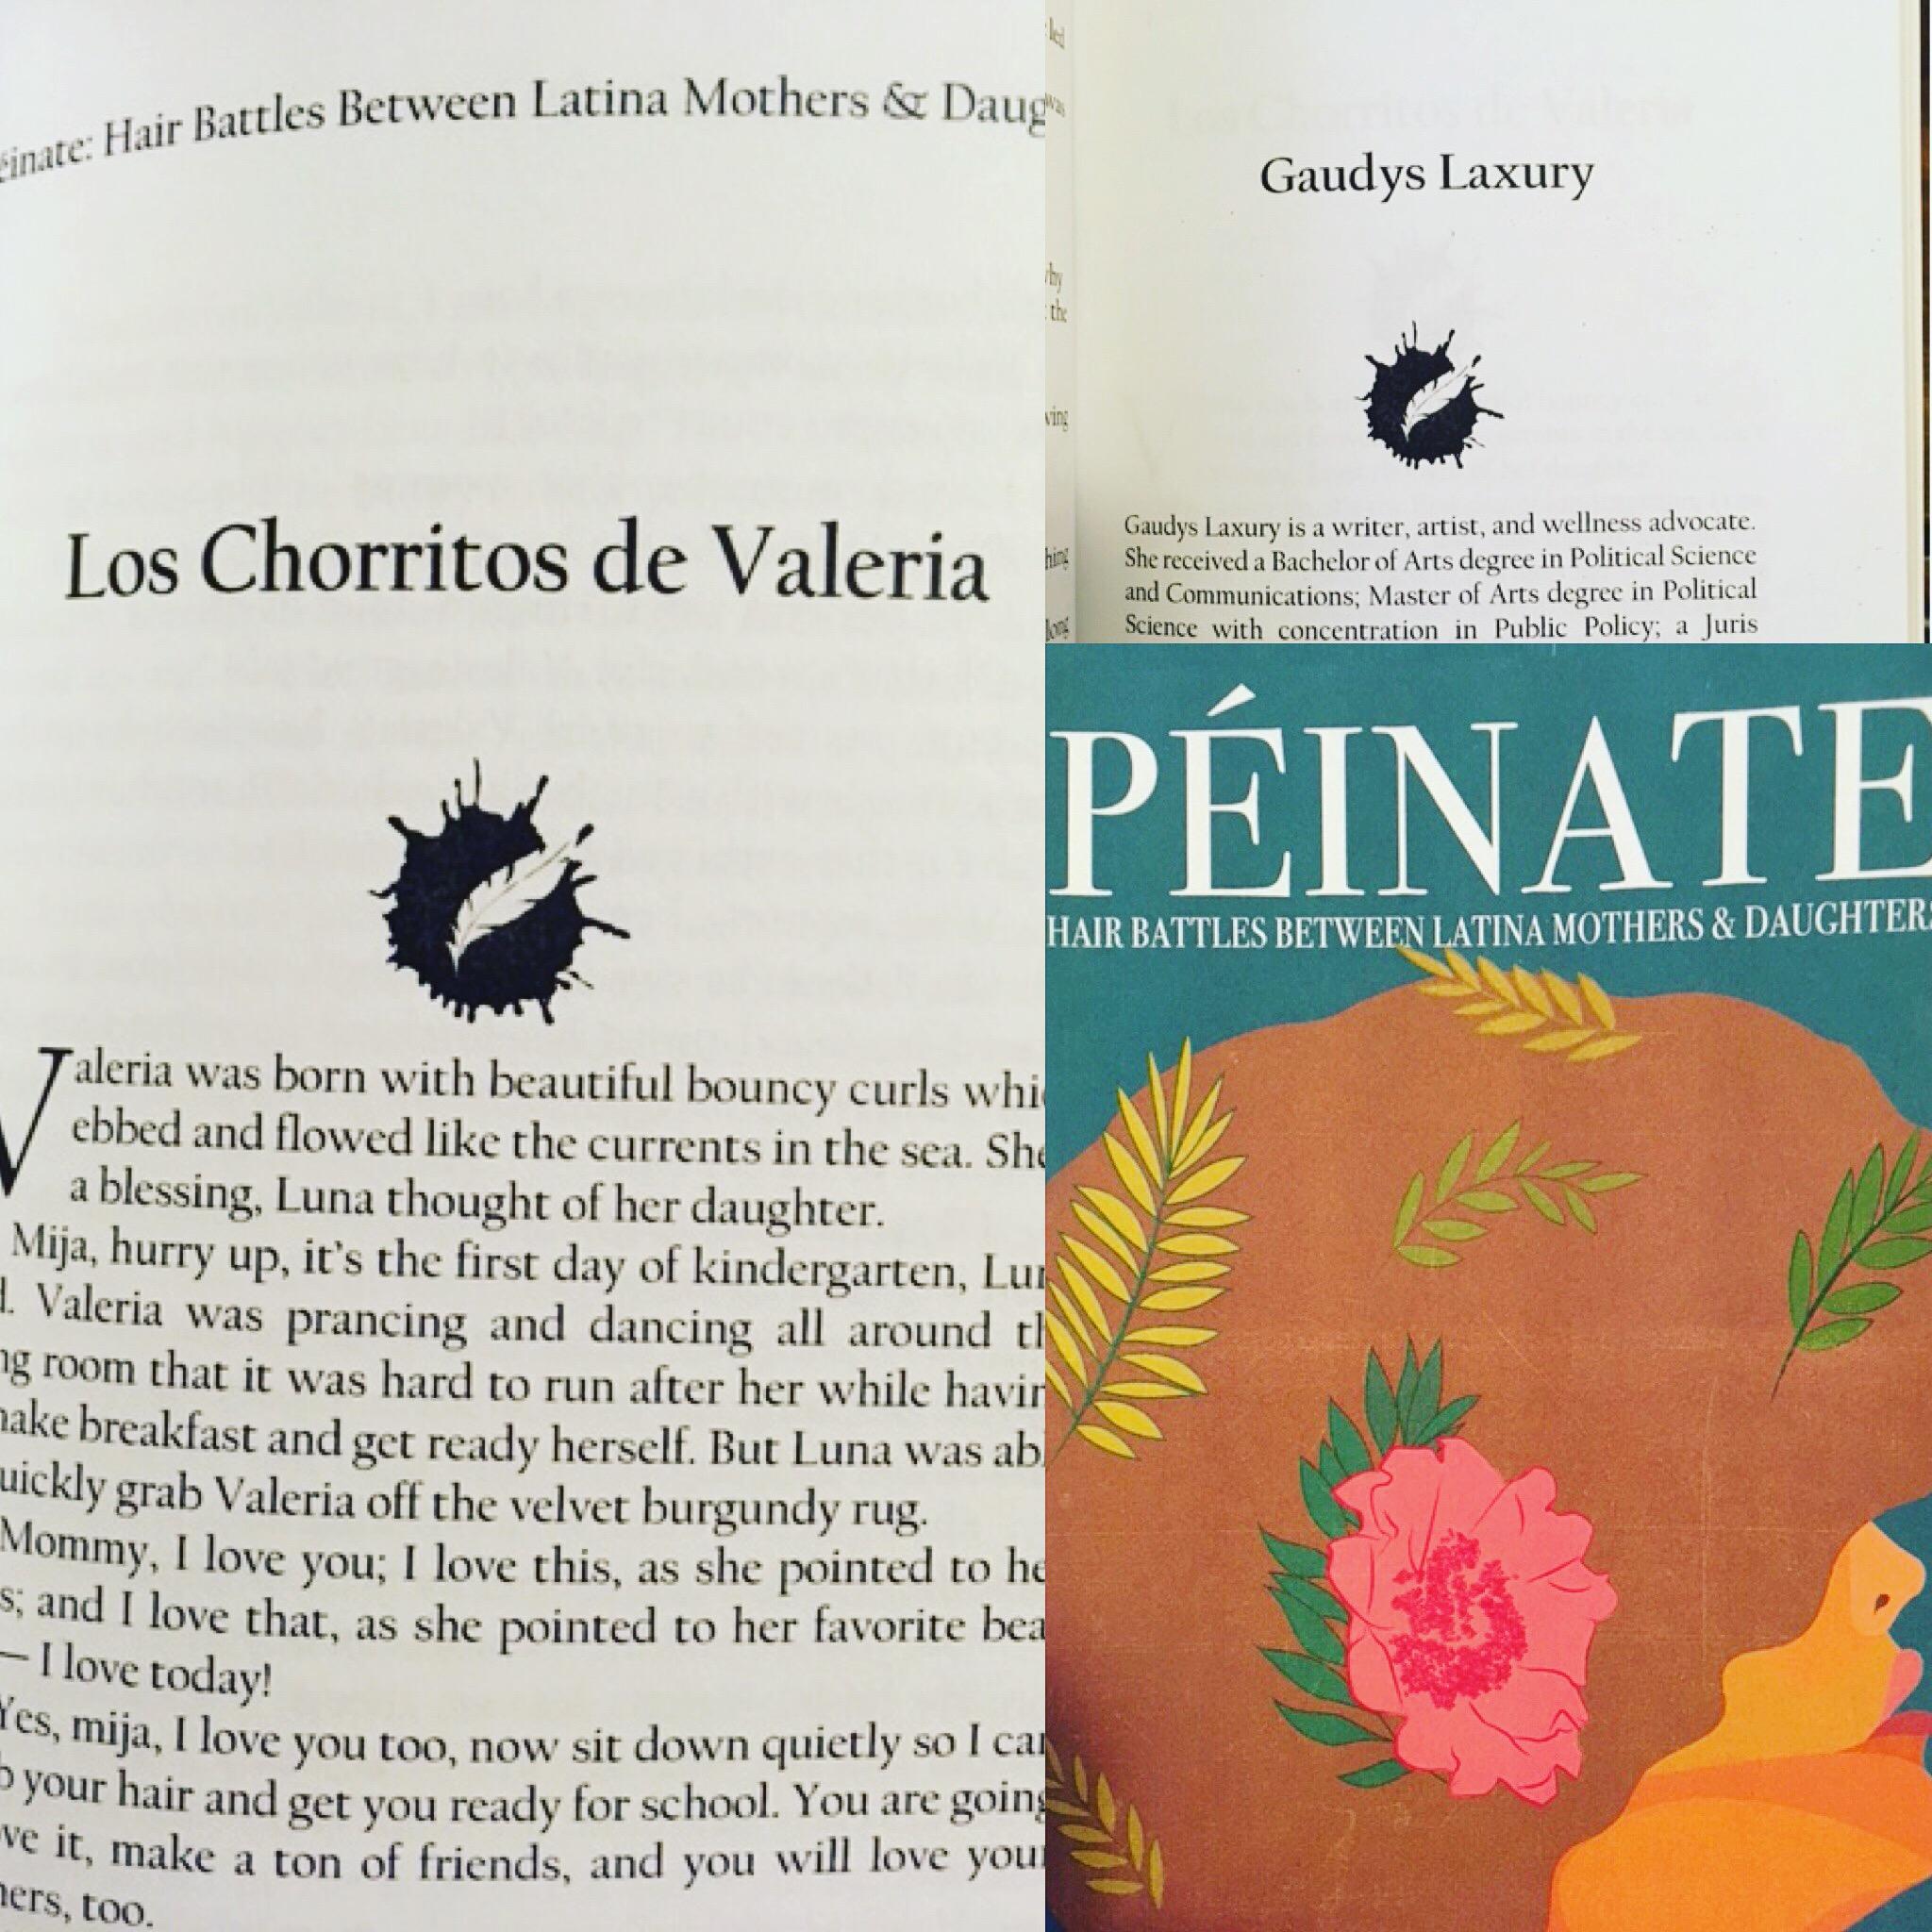 Los Chorritos de Valeria_Gaudys Laxury.JPG